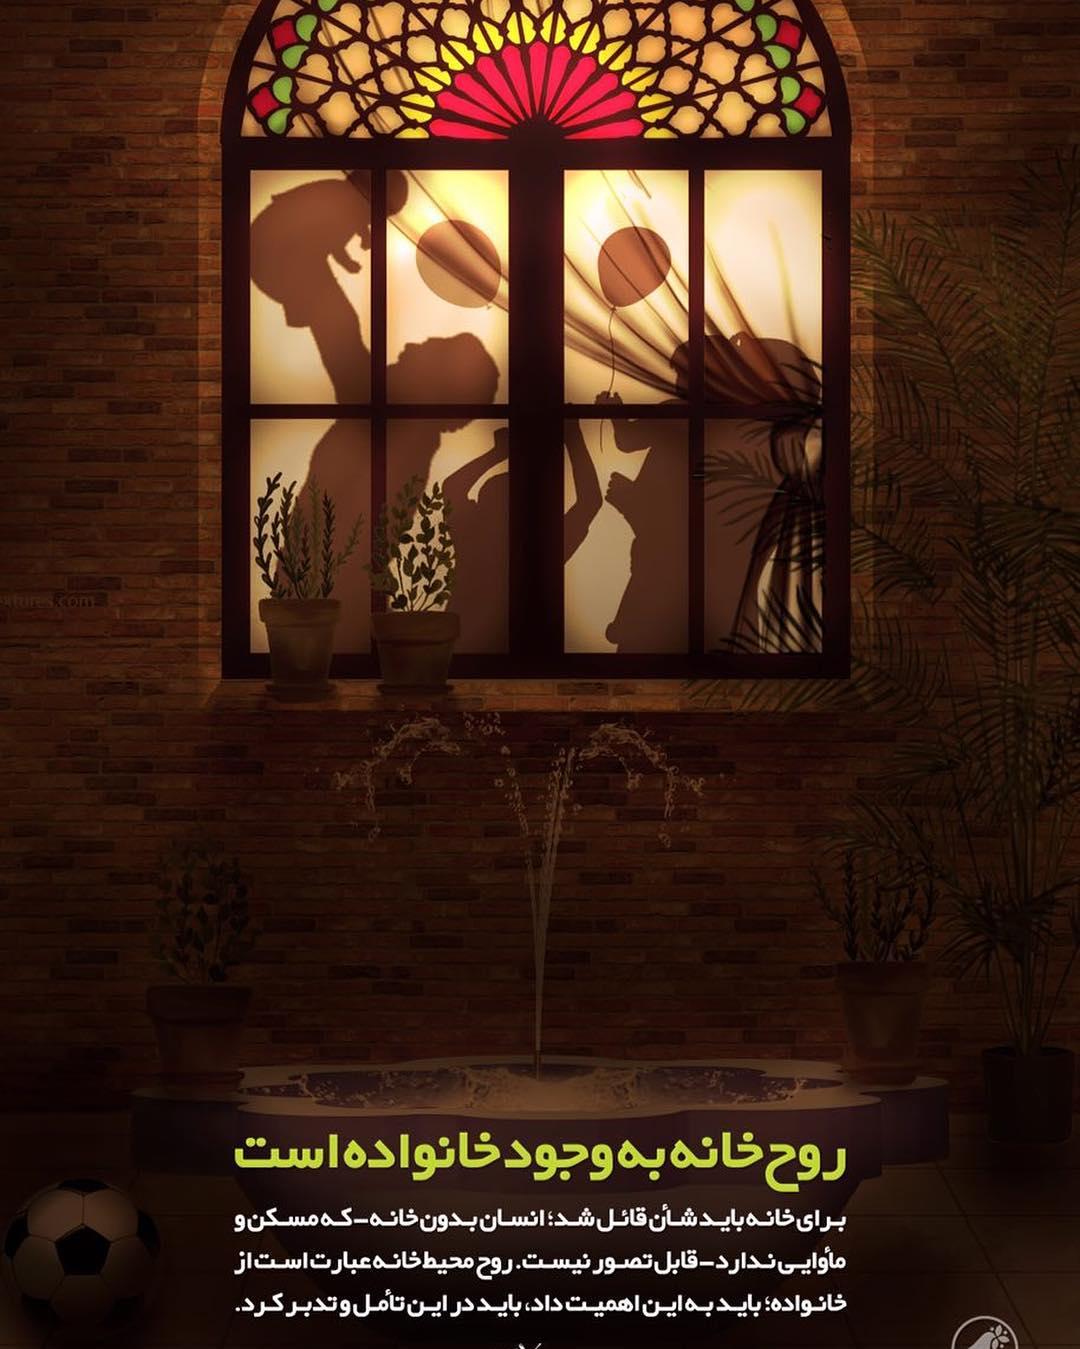 روح خانه به وجود خانواده است.jpg (1080×1349)